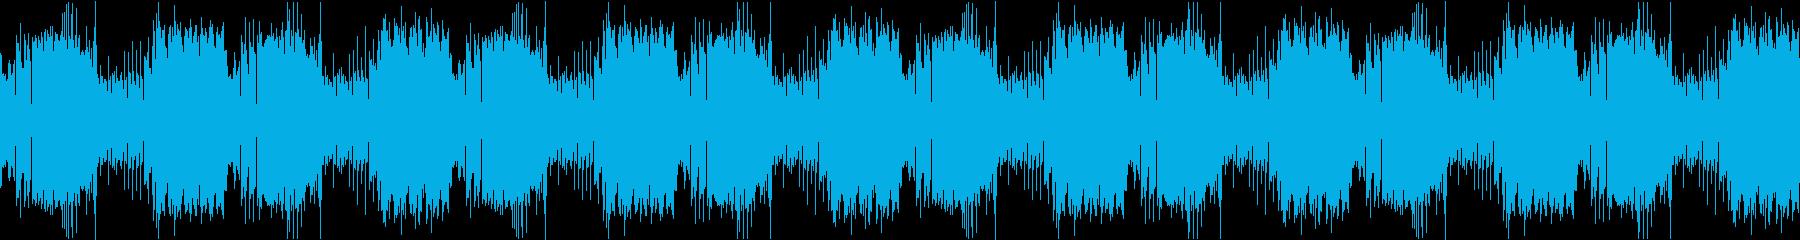 ハロウィンやホラー系の演出に最適の再生済みの波形